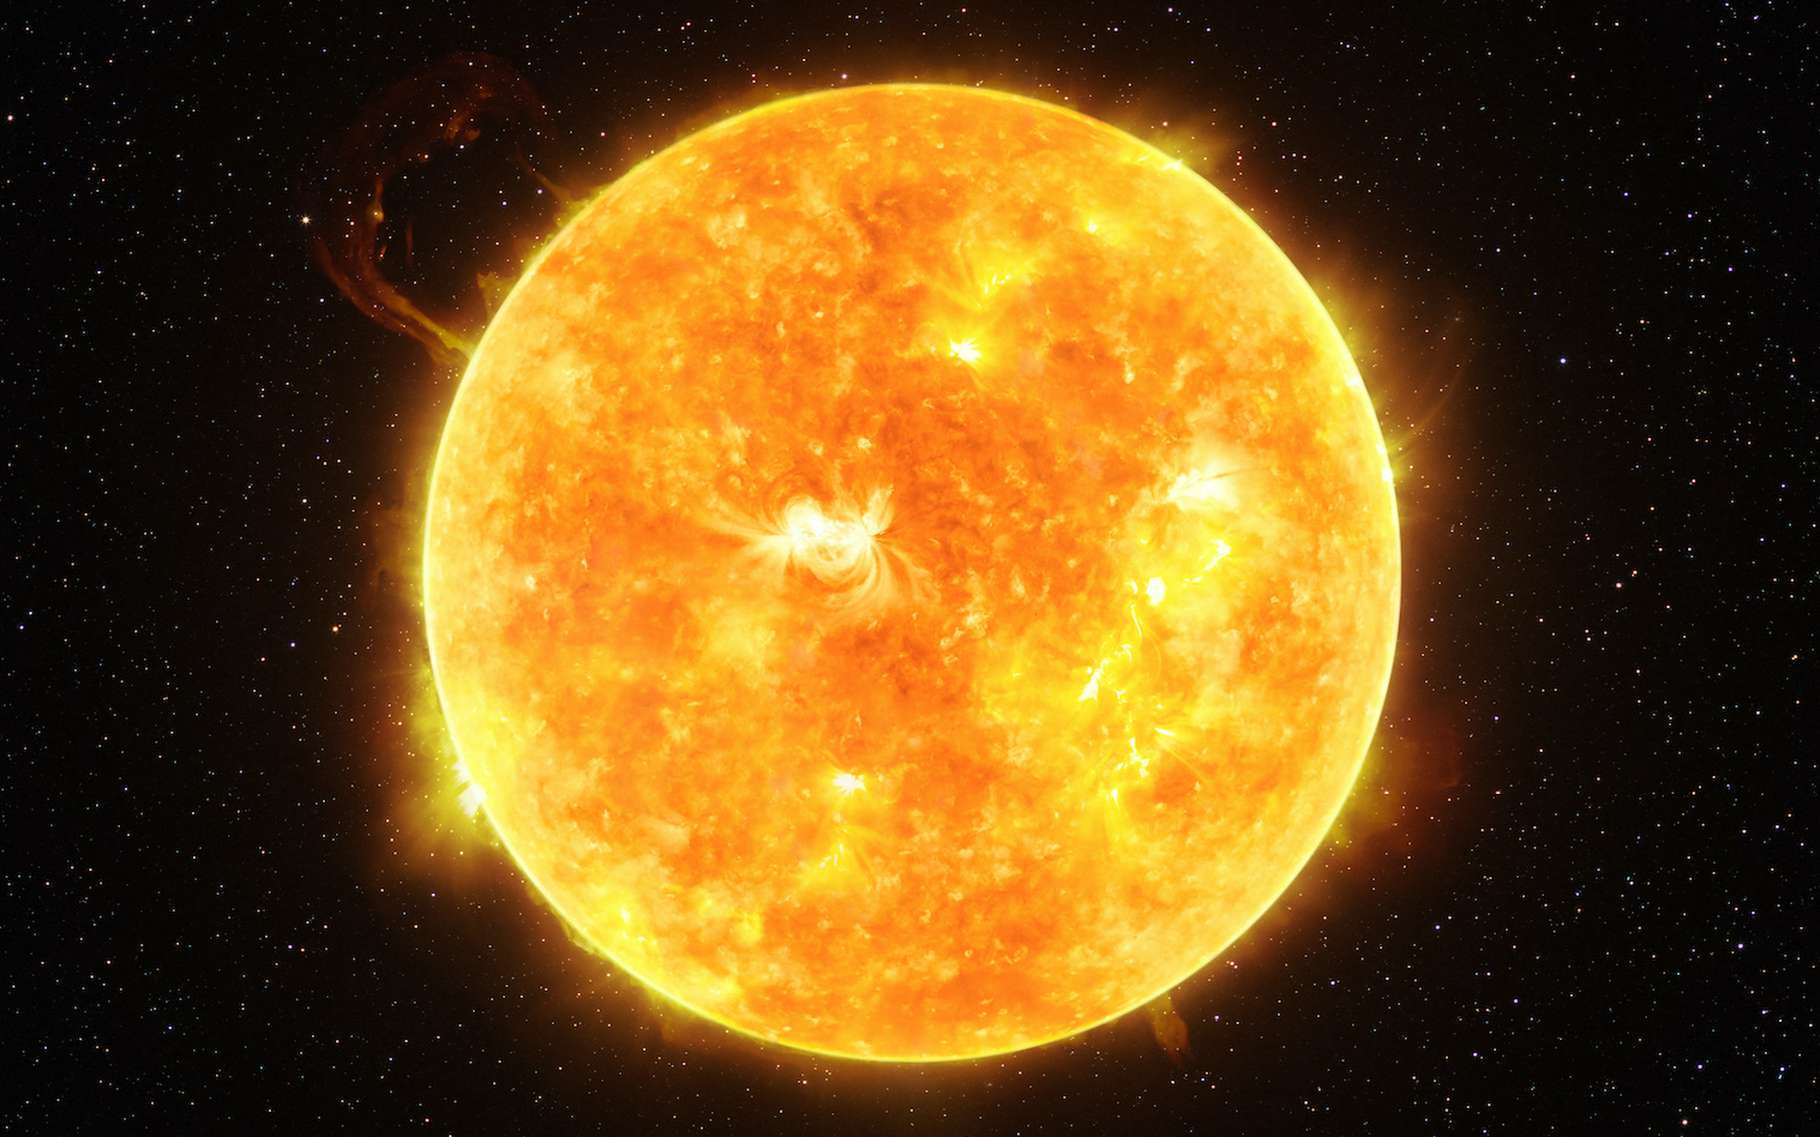 Des activités solaires pourraient s'avérer dangereuses © lukszczpanski, Adobe Stock